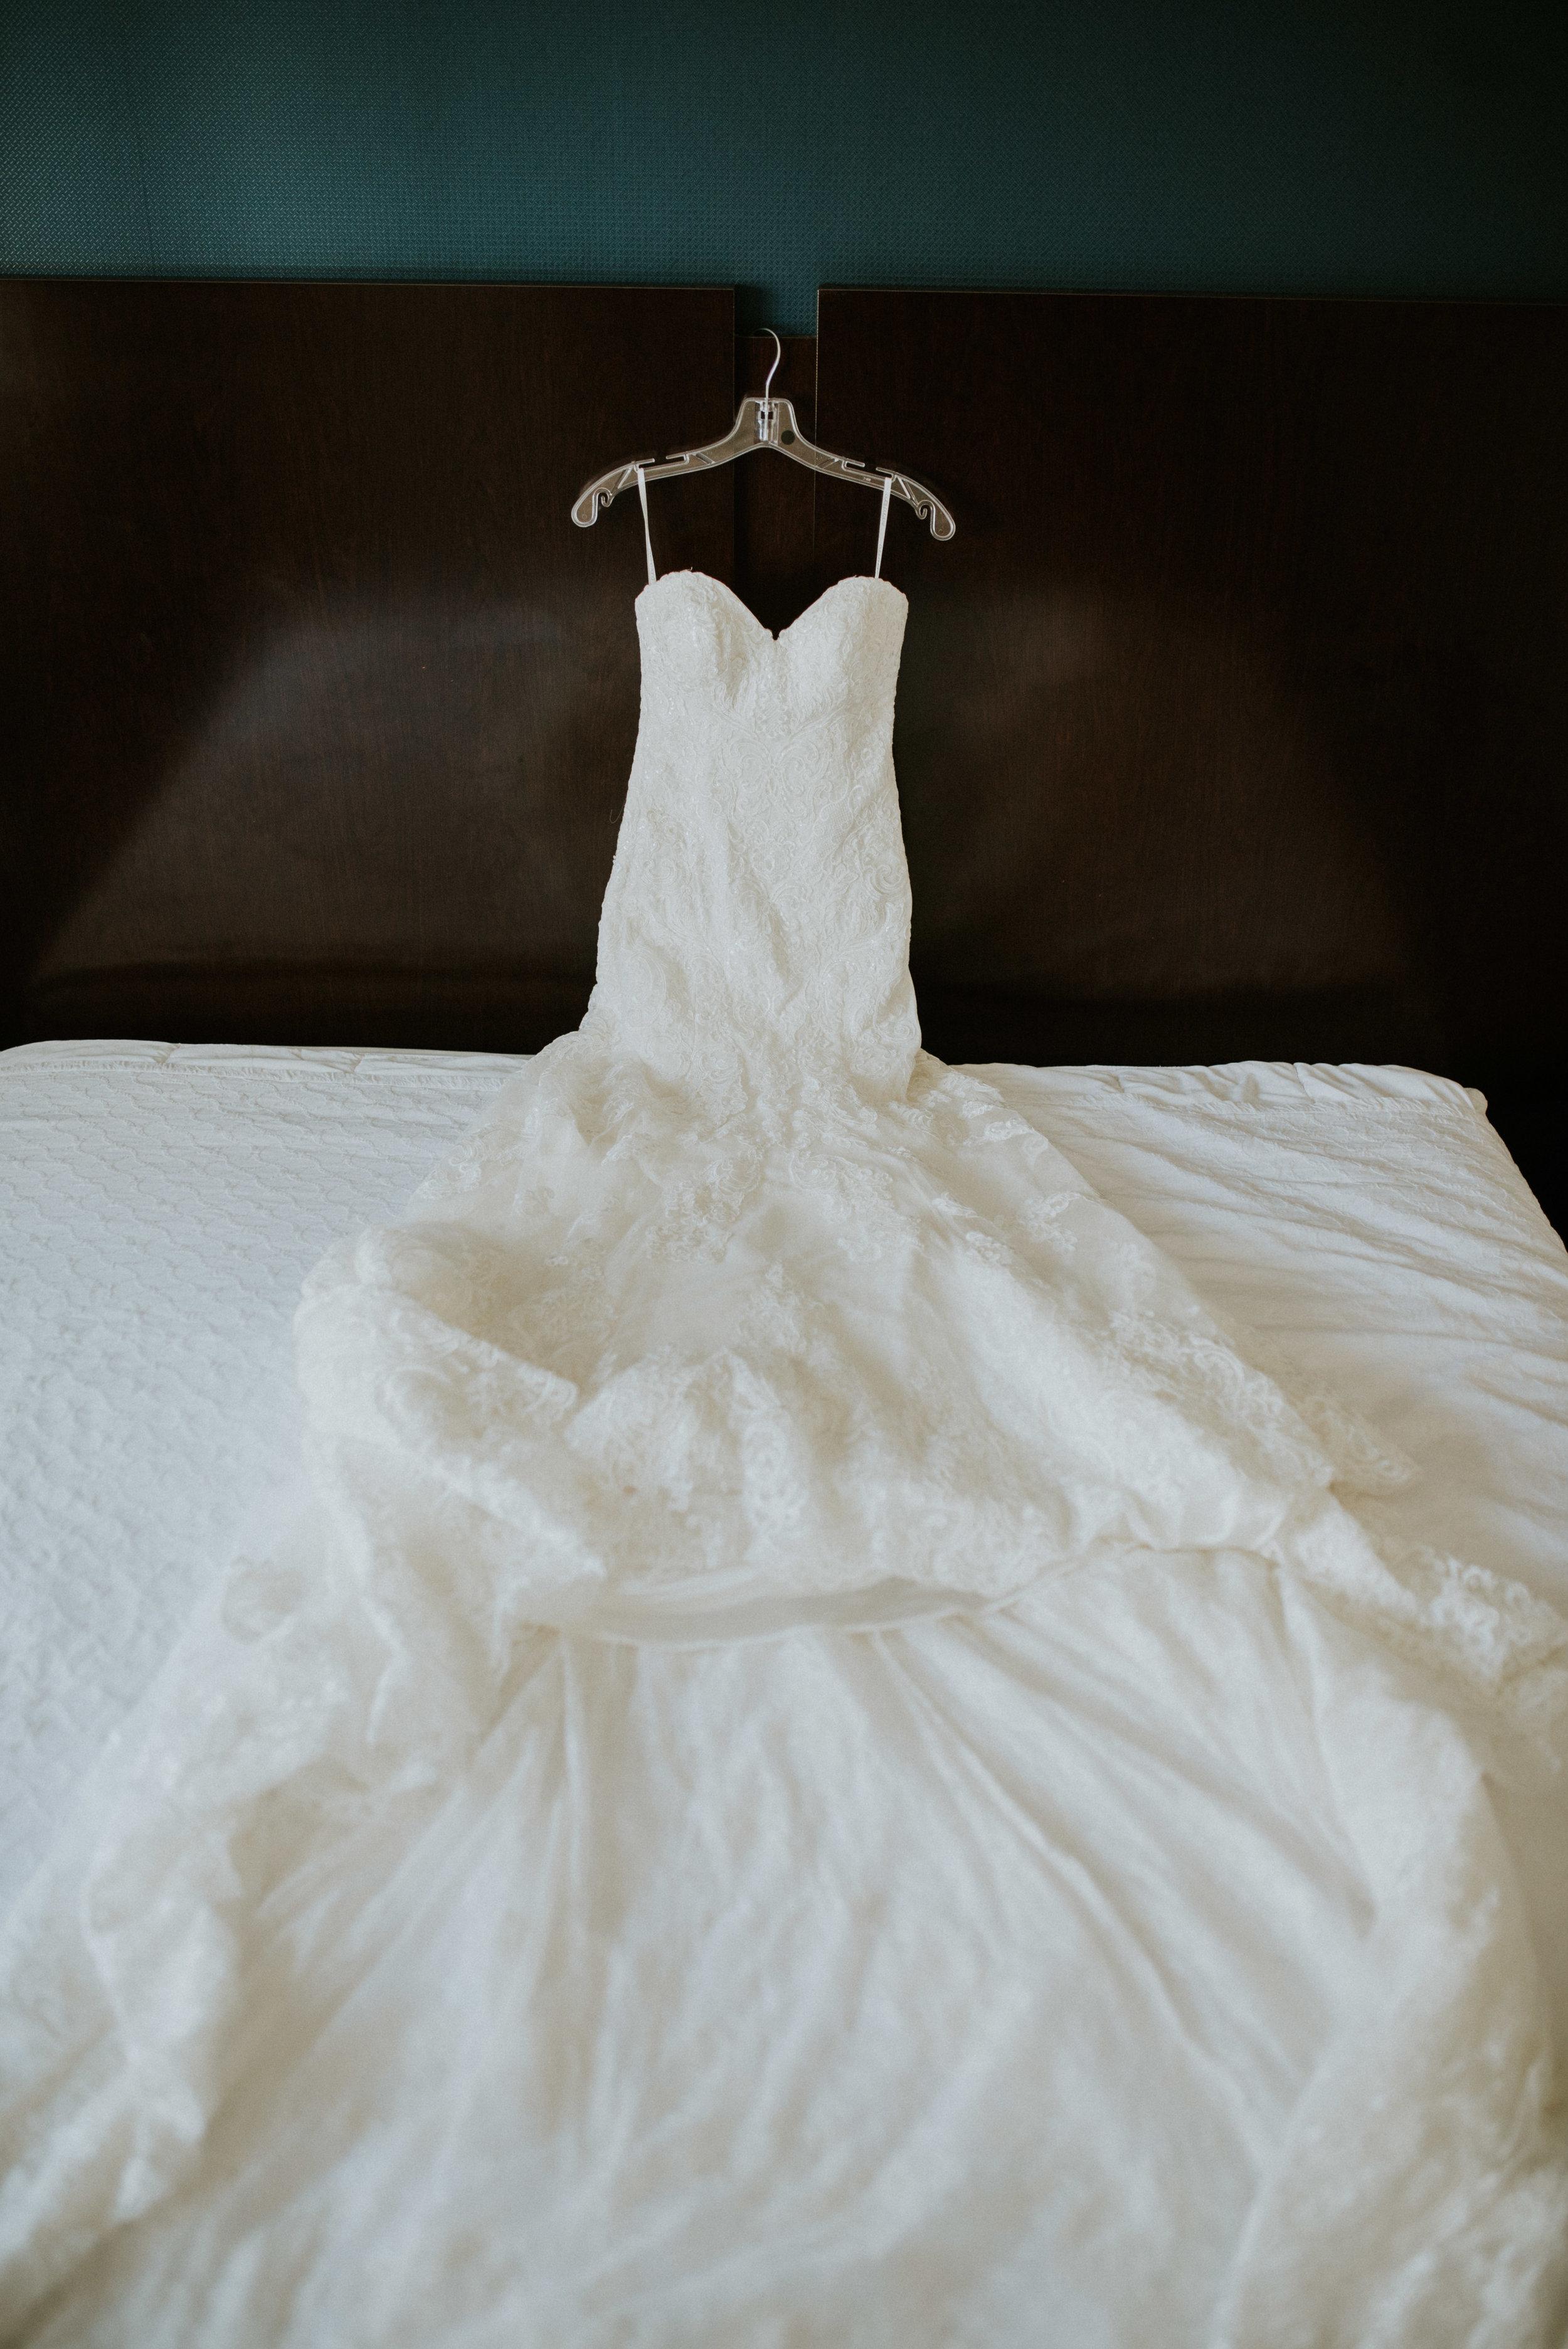 Martina Liana wedding dress draped over bed